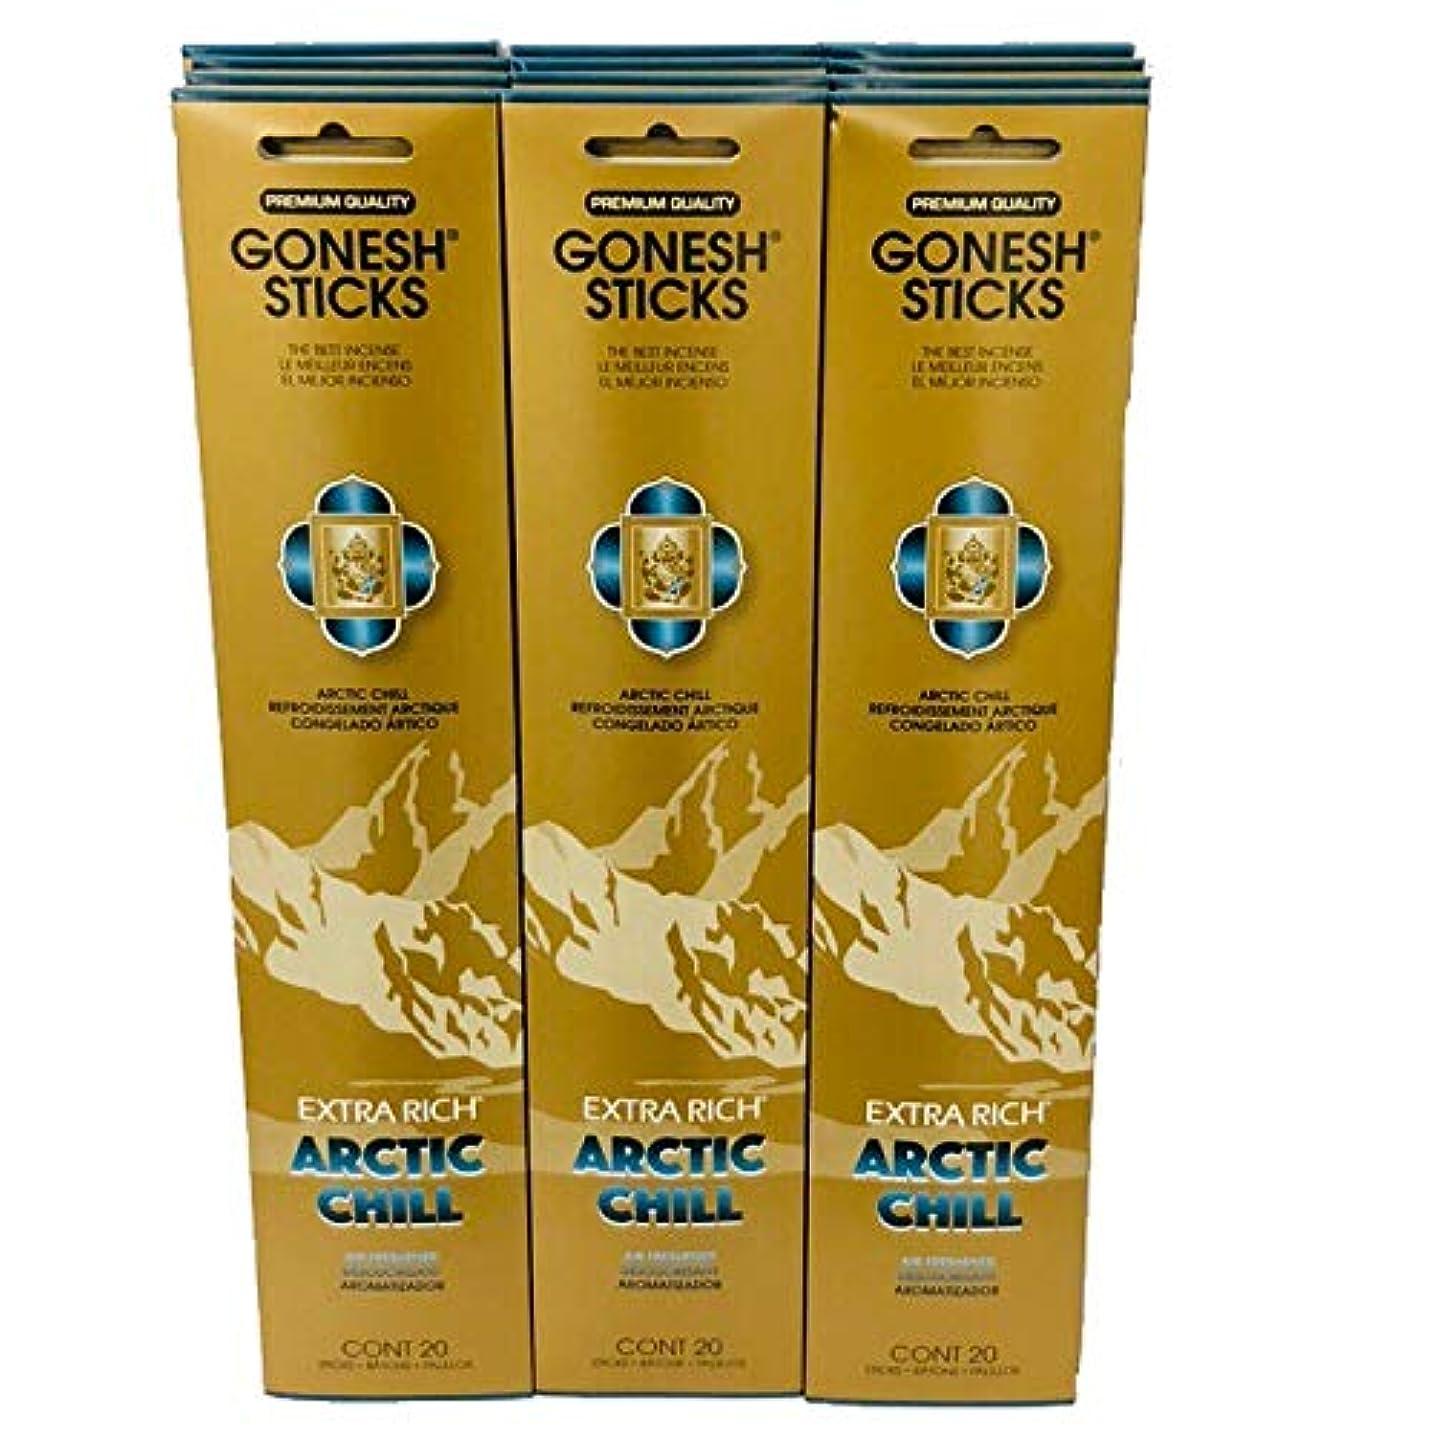 ところで快適結晶Gonesh?–?12?ARCTIC CHILL PACK ( 240?Sticks ) Incense Sticks Extra Richコレクション